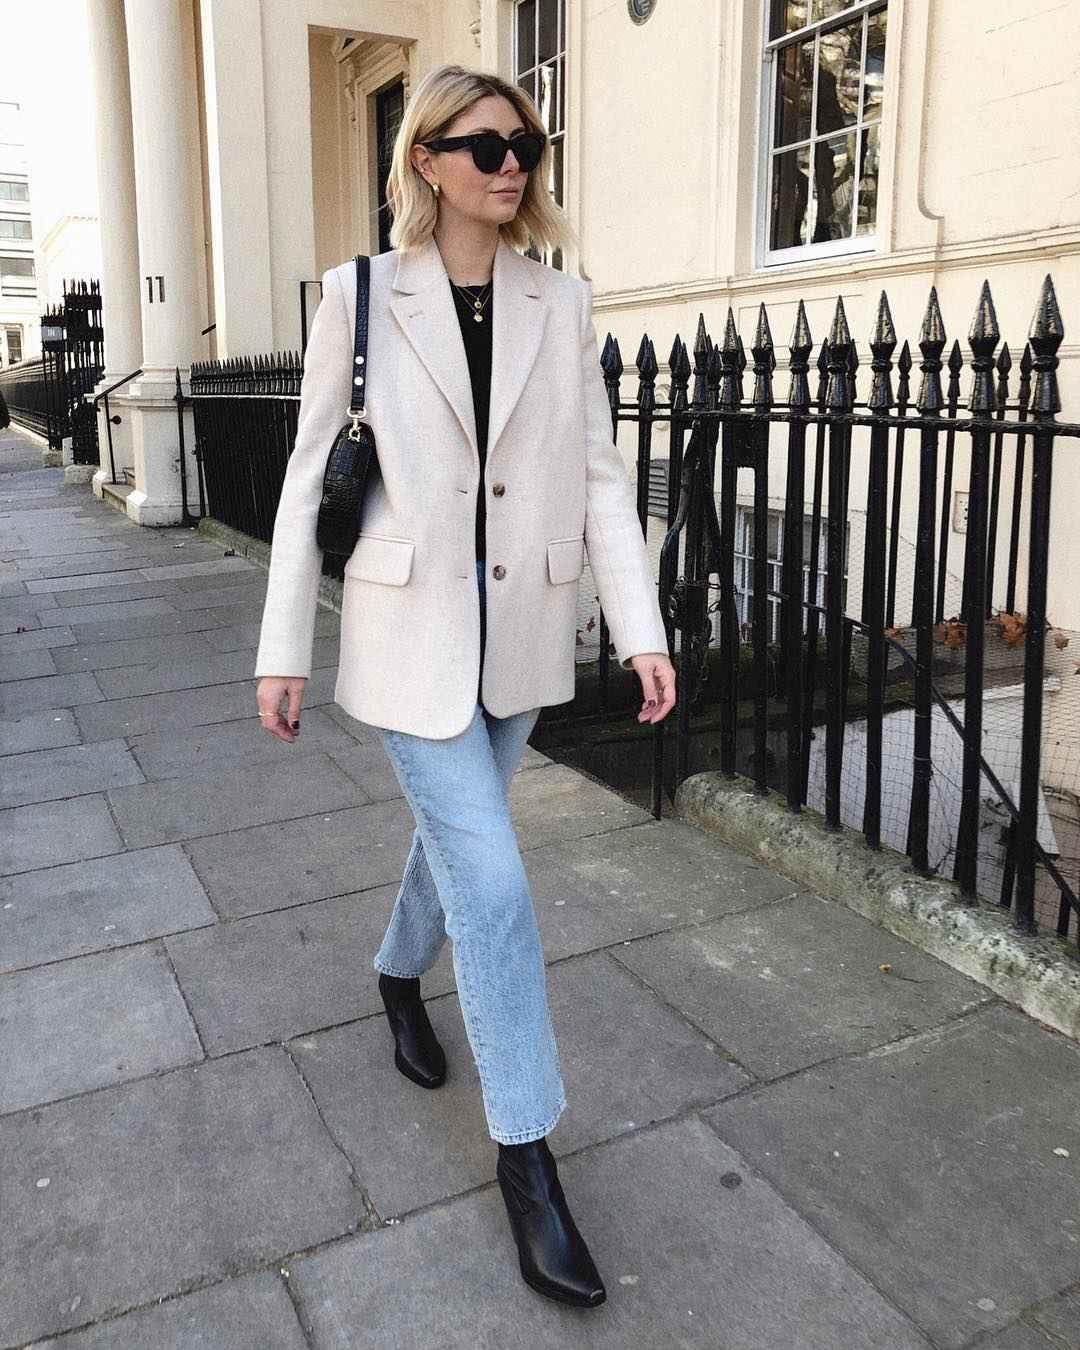 Деловой стиль 2019-2020 с джинсами фото идеи_6